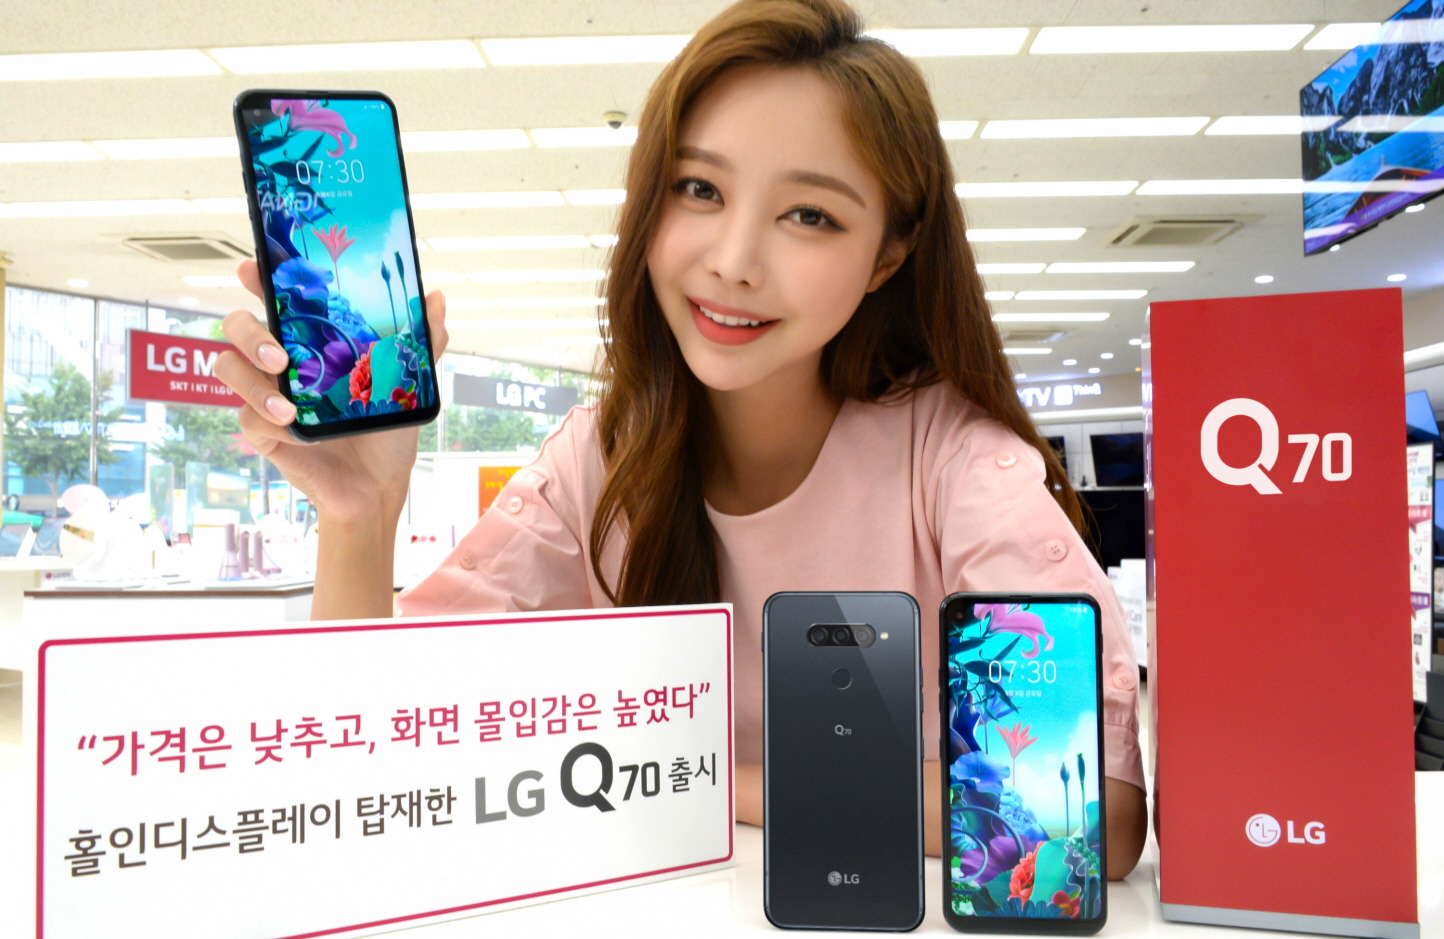 LG Q70 je novinka střední třídy s dírou v displeji